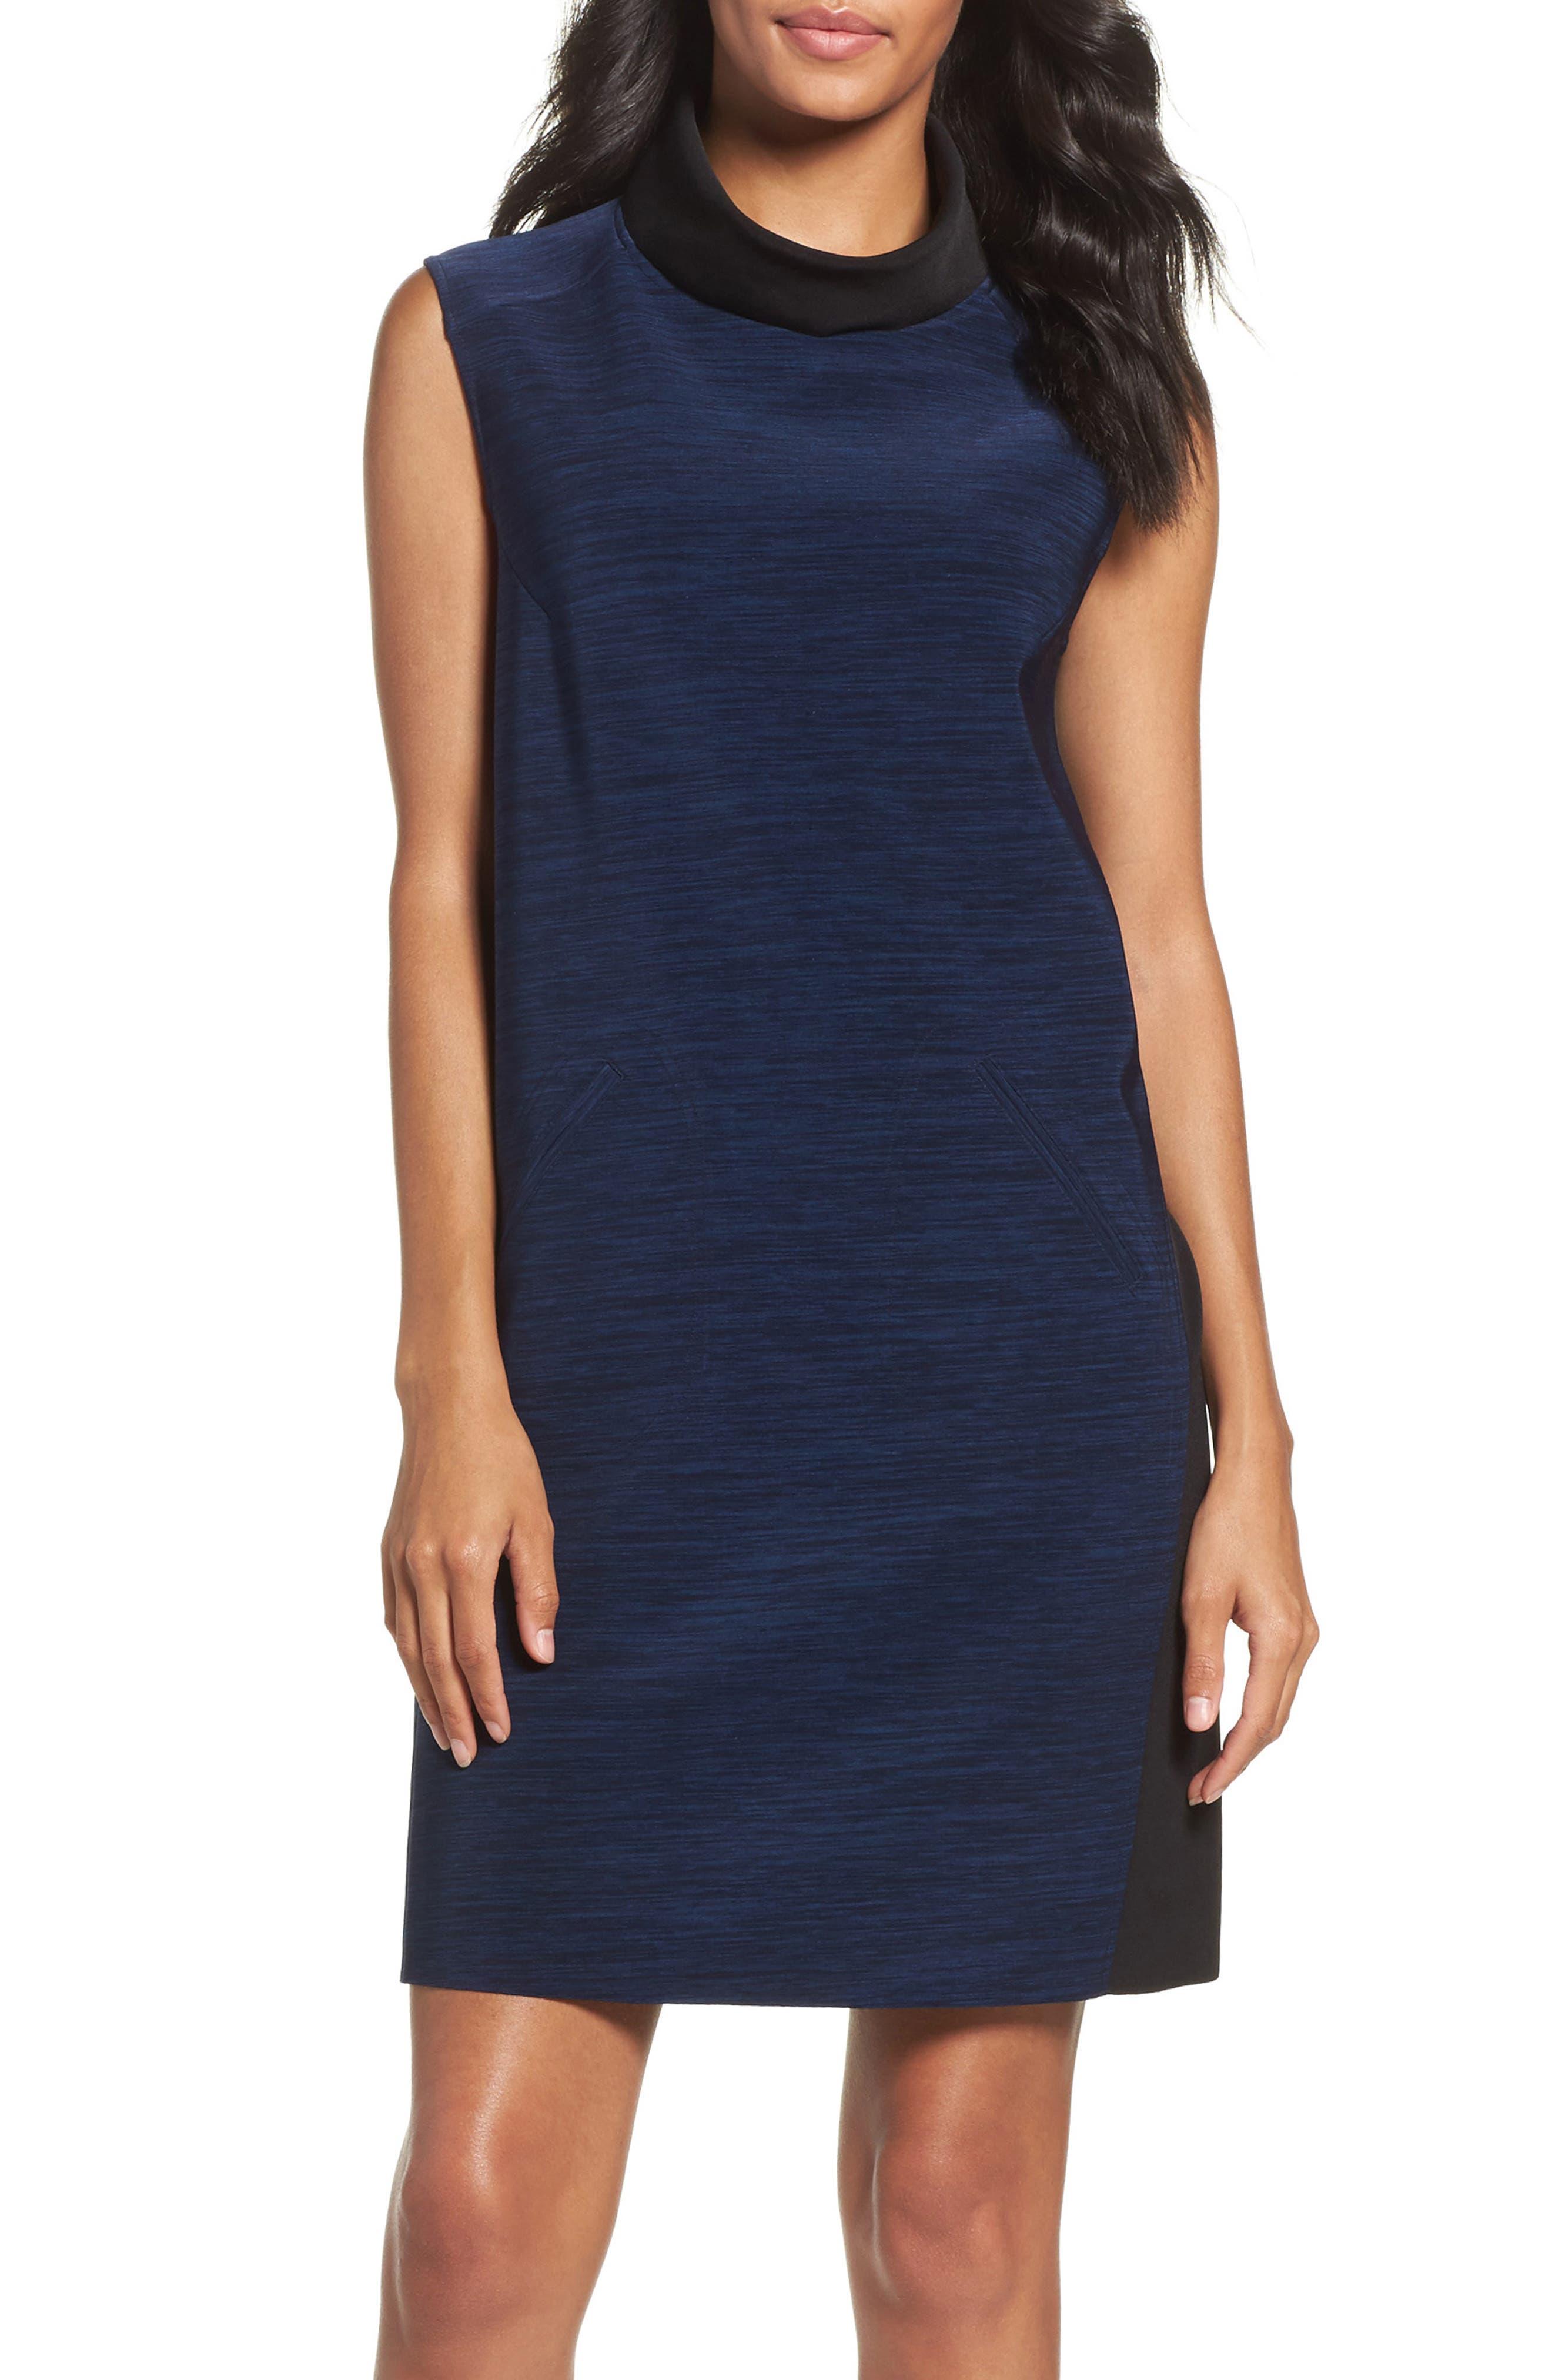 Alternate Image 1 Selected - Tahari Turtleneck Shift Dress (Regular & Petite)